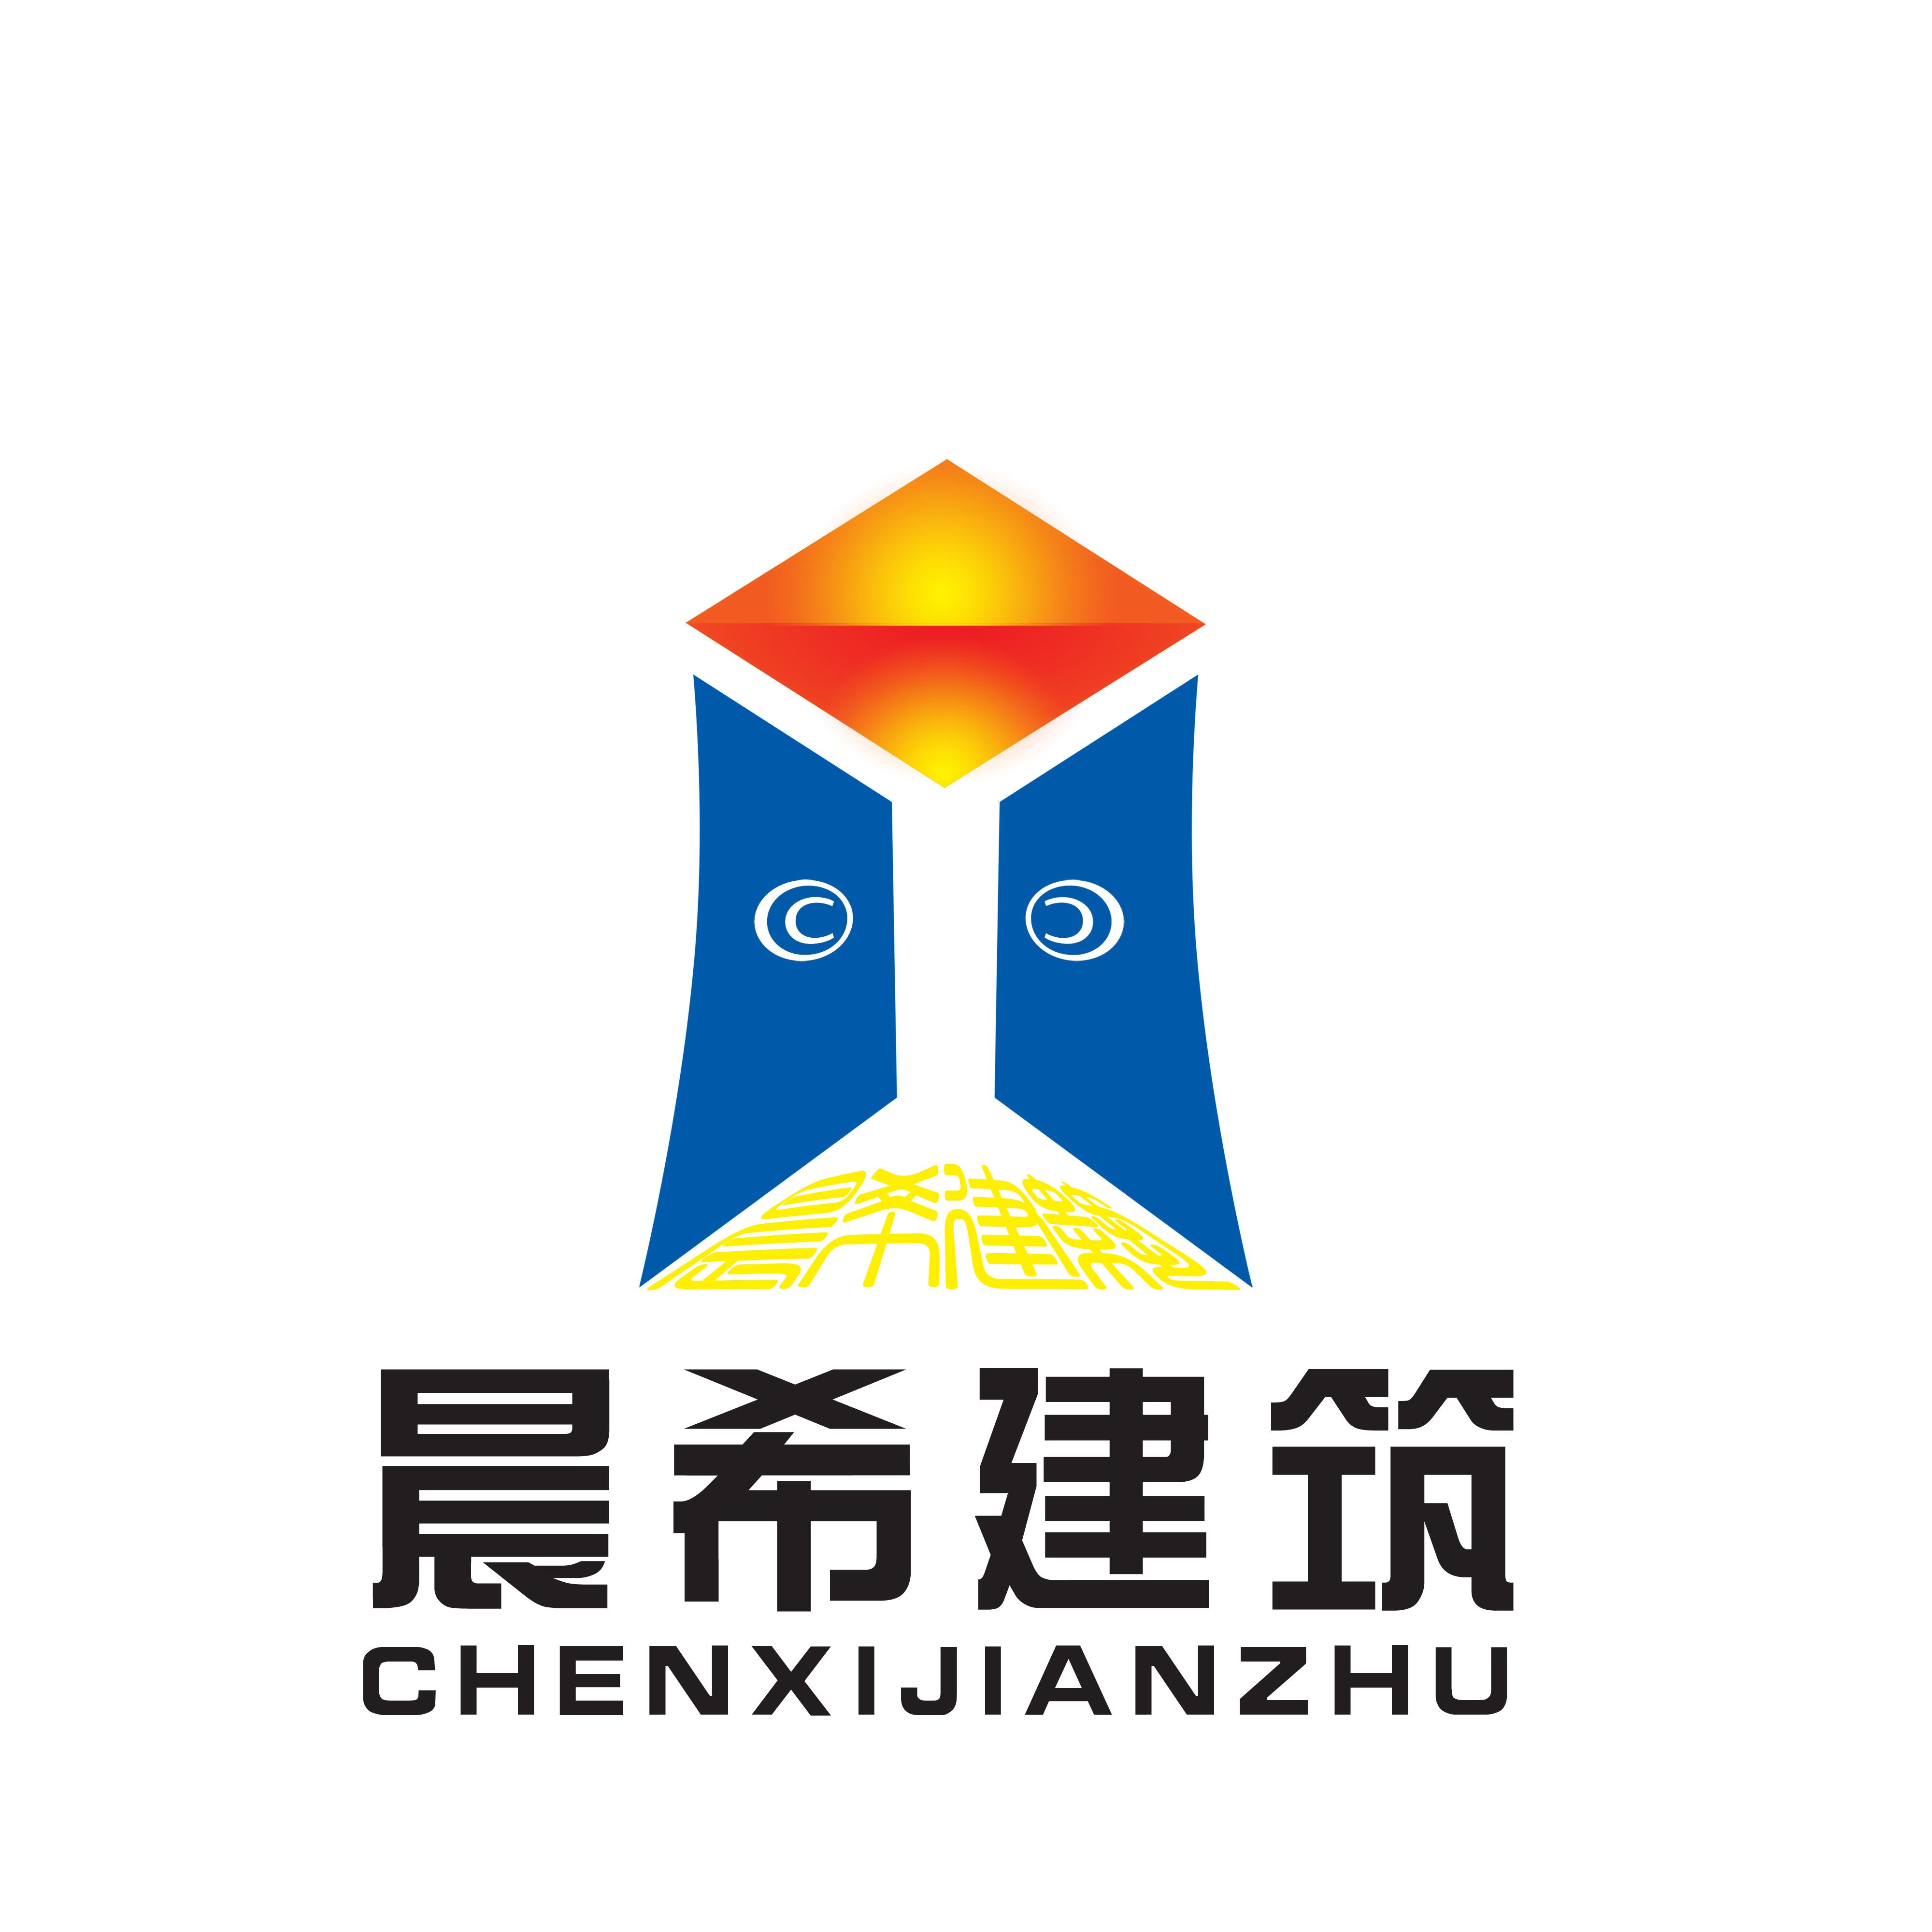 房地产公司logo设计 (3999x3999)-logo设计图片模板下载 图片